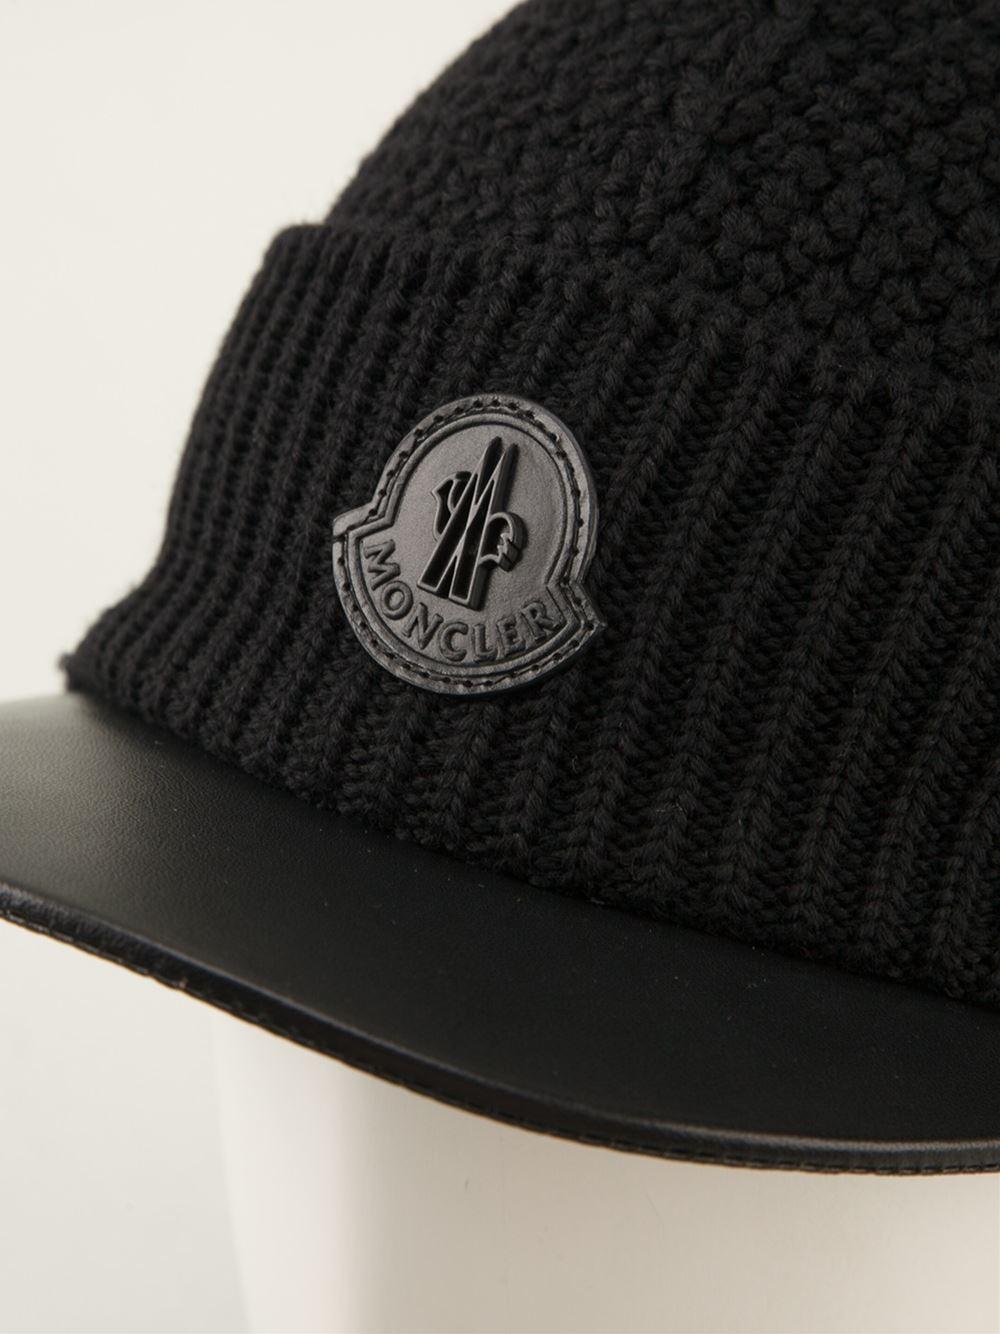 513b0e11a Lyst - Moncler Knitted Visor Hat in Black for Men